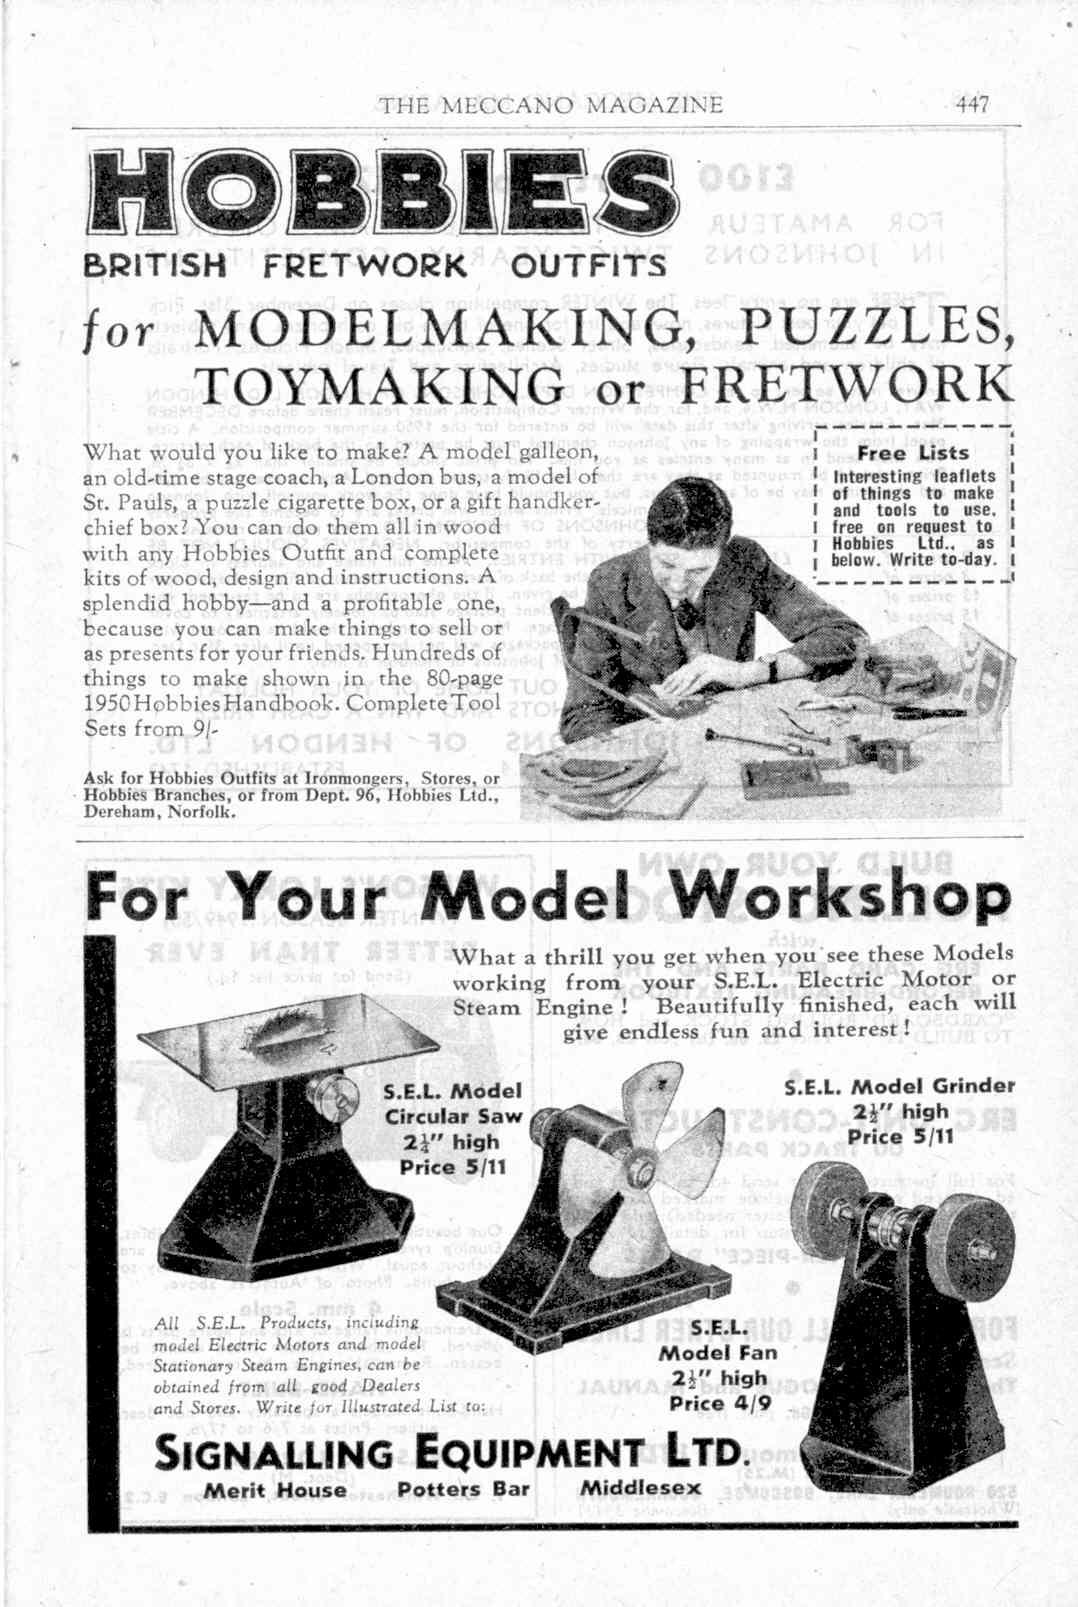 UK Meccano Magazine November 1949 Page 447